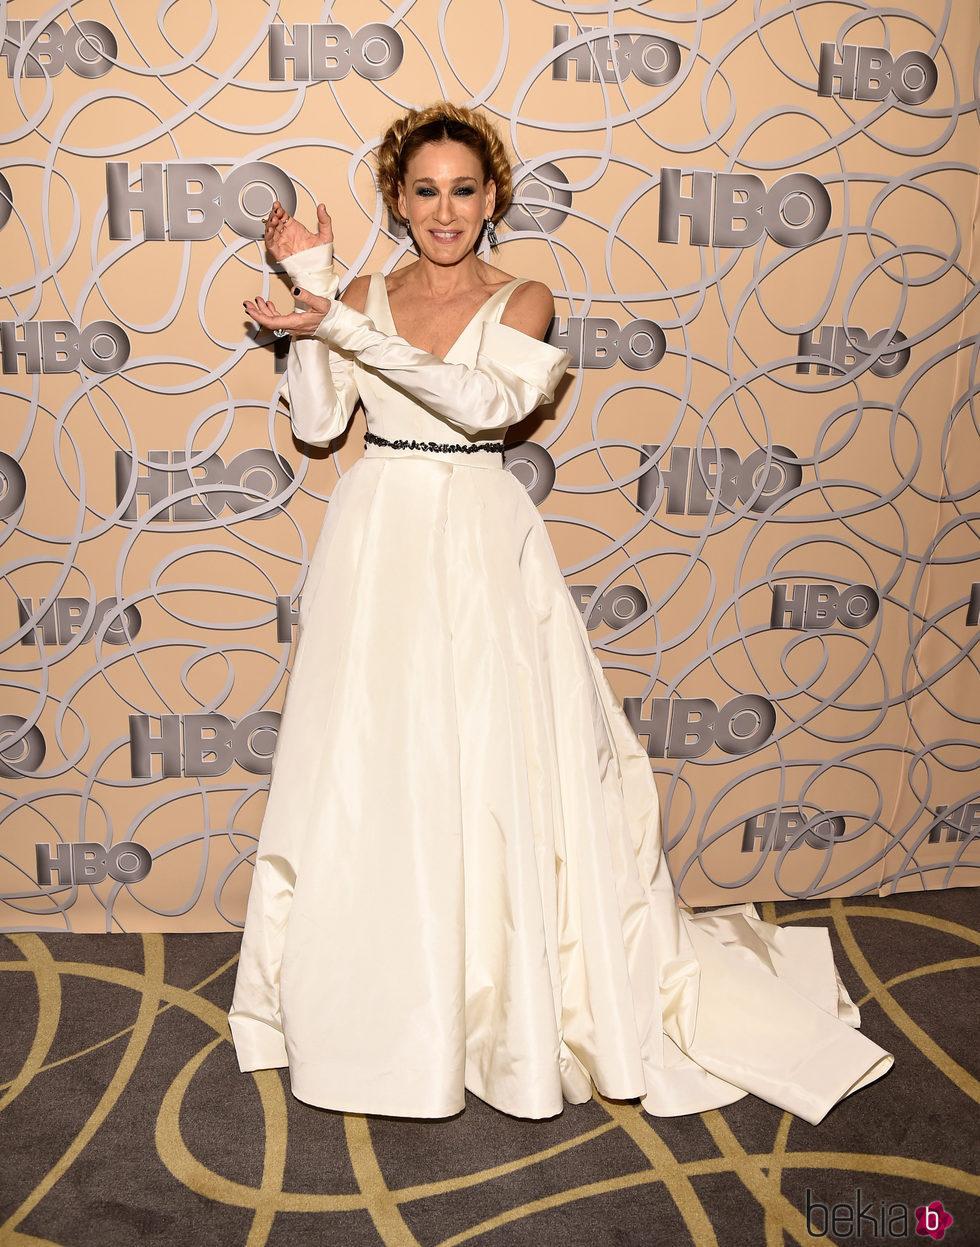 Sarah Jessica Parker 'posando' con su premio en la fiesta de HBO tras los Globos de Oro 2017